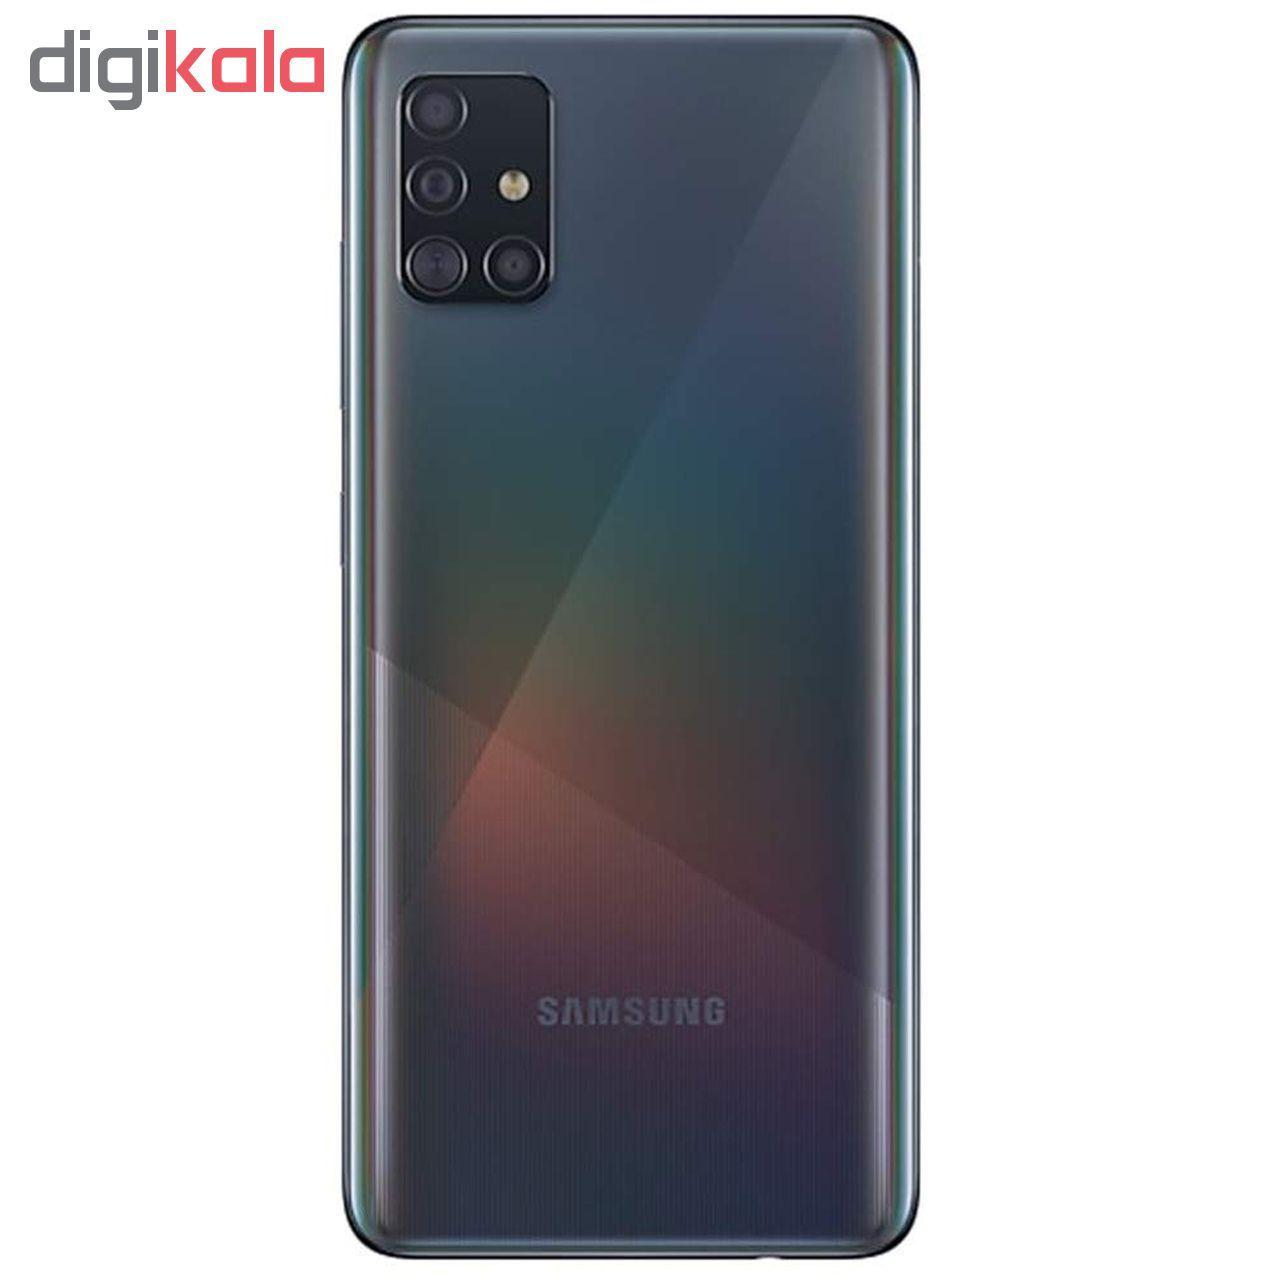 گوشی موبایل سامسونگ مدل Galaxy A51 SM-A515F/DSN دو سیم کارت ظرفیت 128گیگابایت main 1 2